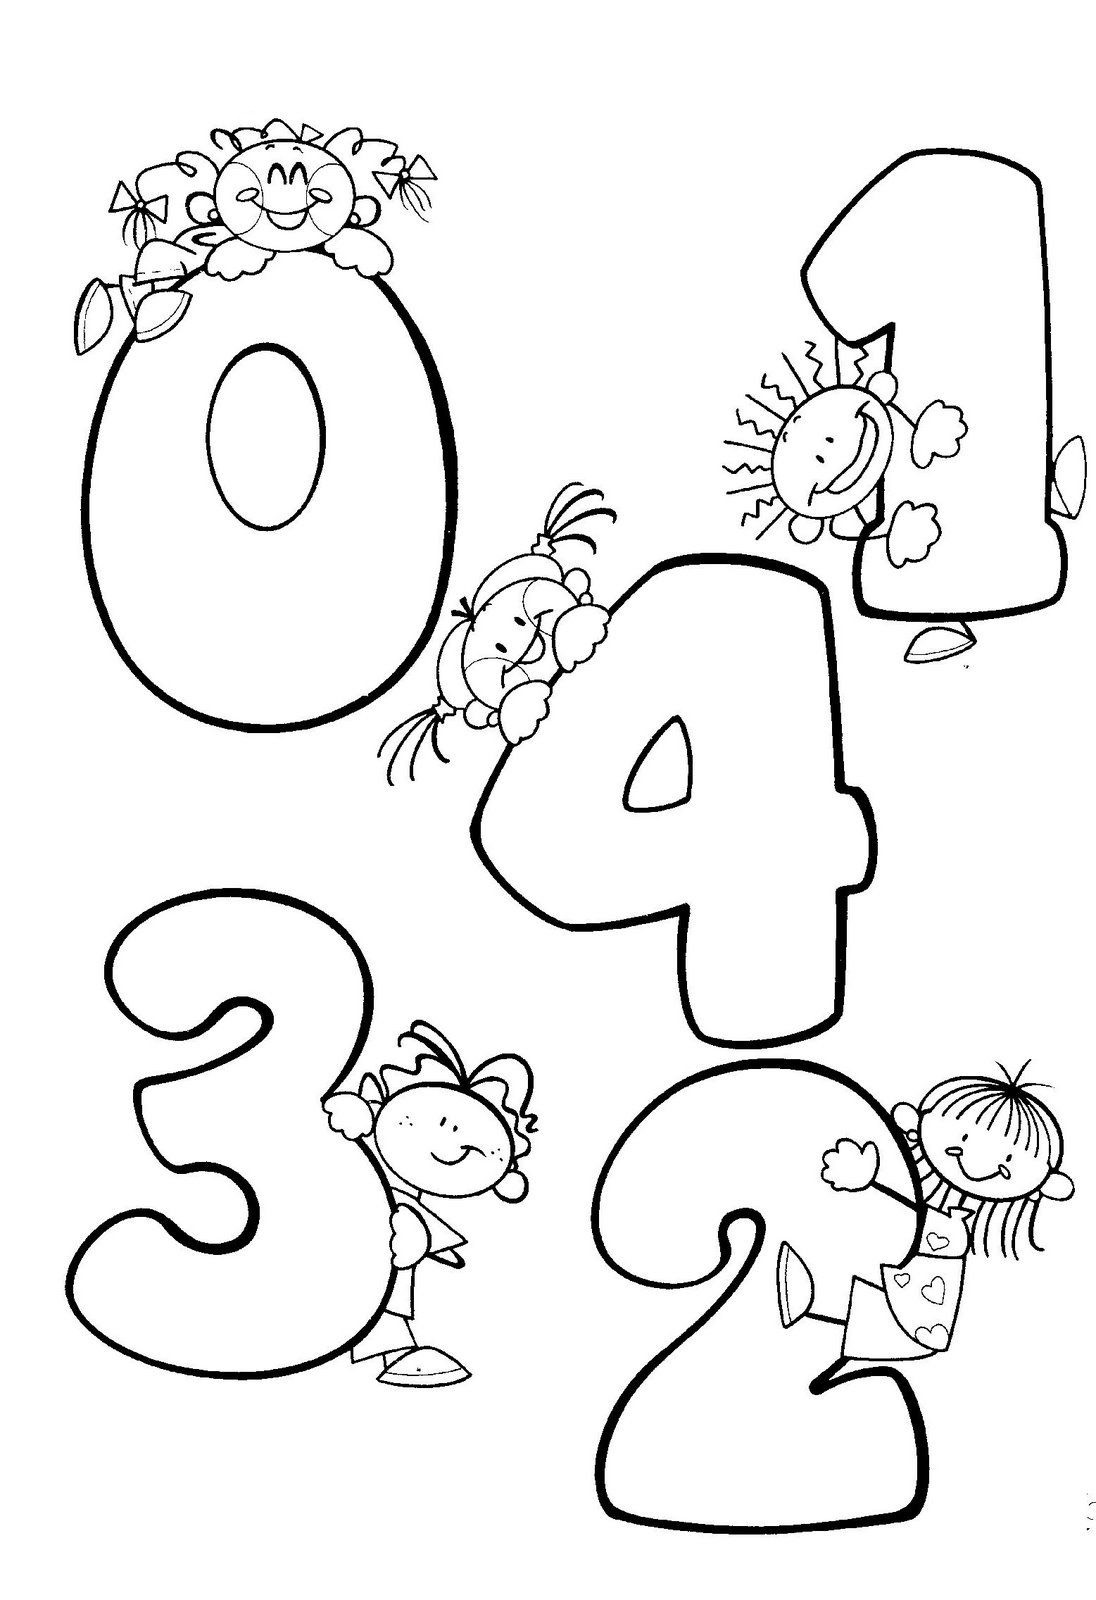 Dibujos Para Colorear Para Pre Escolar